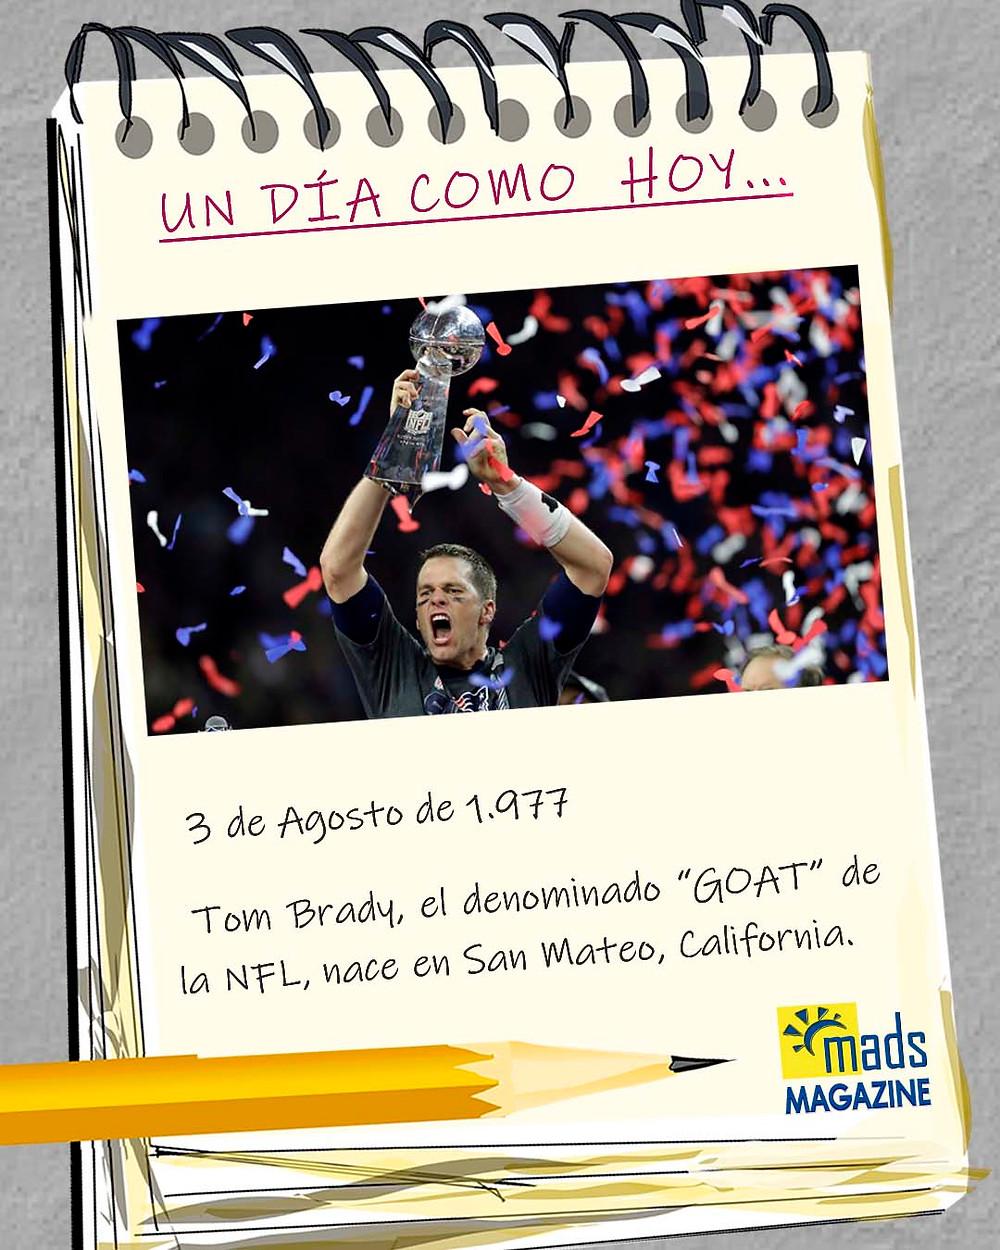 El 3 de agosto de 1977 nacía Tom Brady en San Mateo